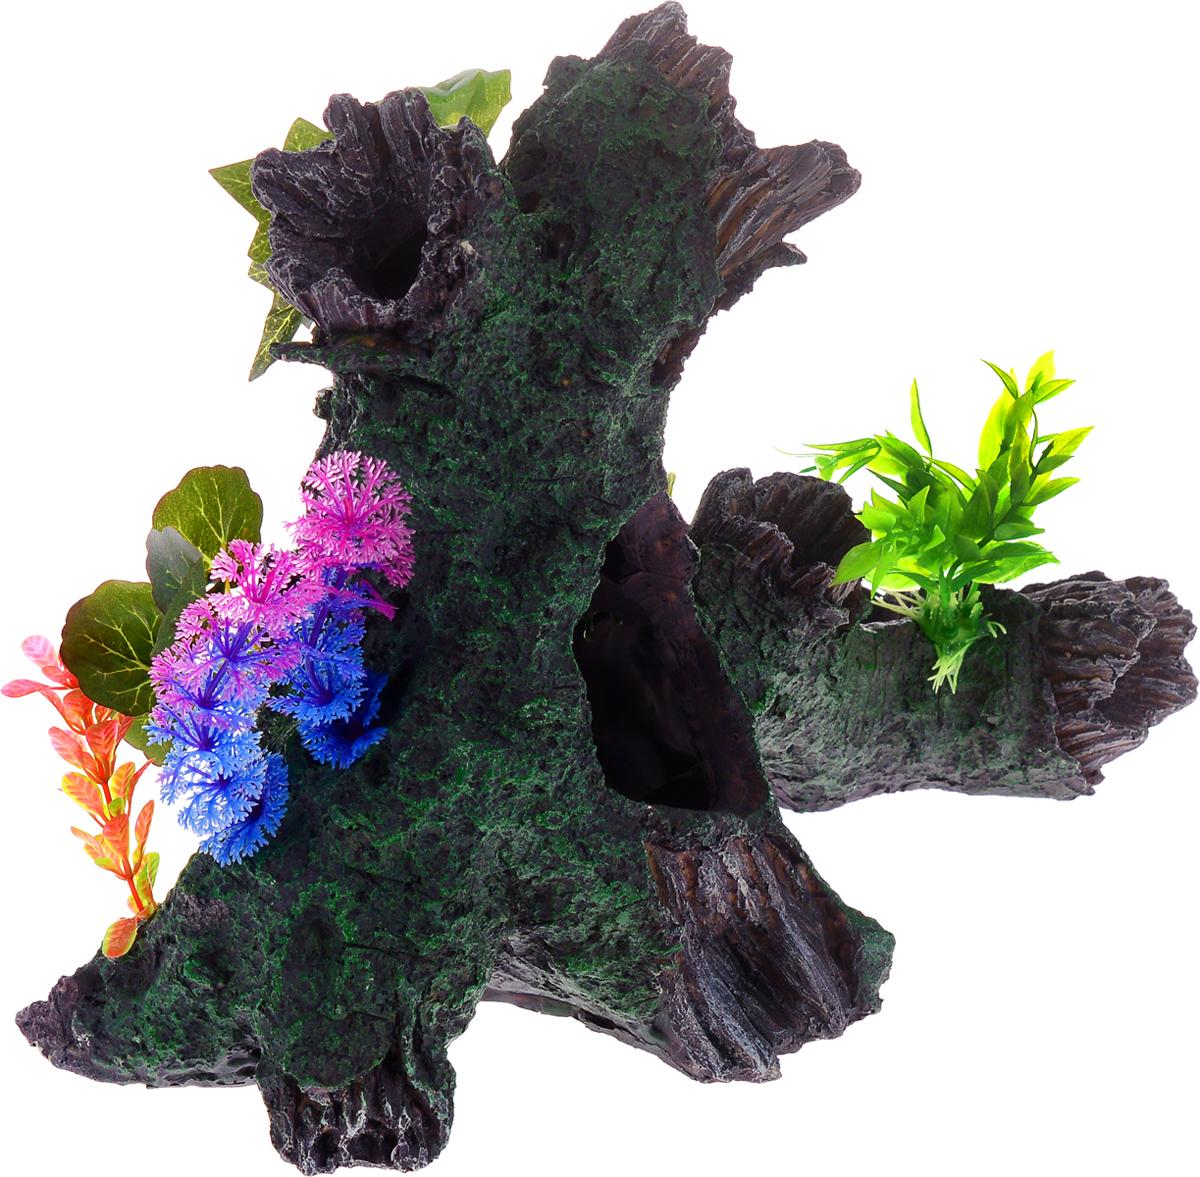 Декорация для аквариума Barbus Коряга с растением, цвет: серый, зеленый, фиолетовый, 34,5 х 17 х 25,5 см декорация для аквариума barbus самолет цвет темно зеленый голубой коричневый 65 х 32 х 24 см